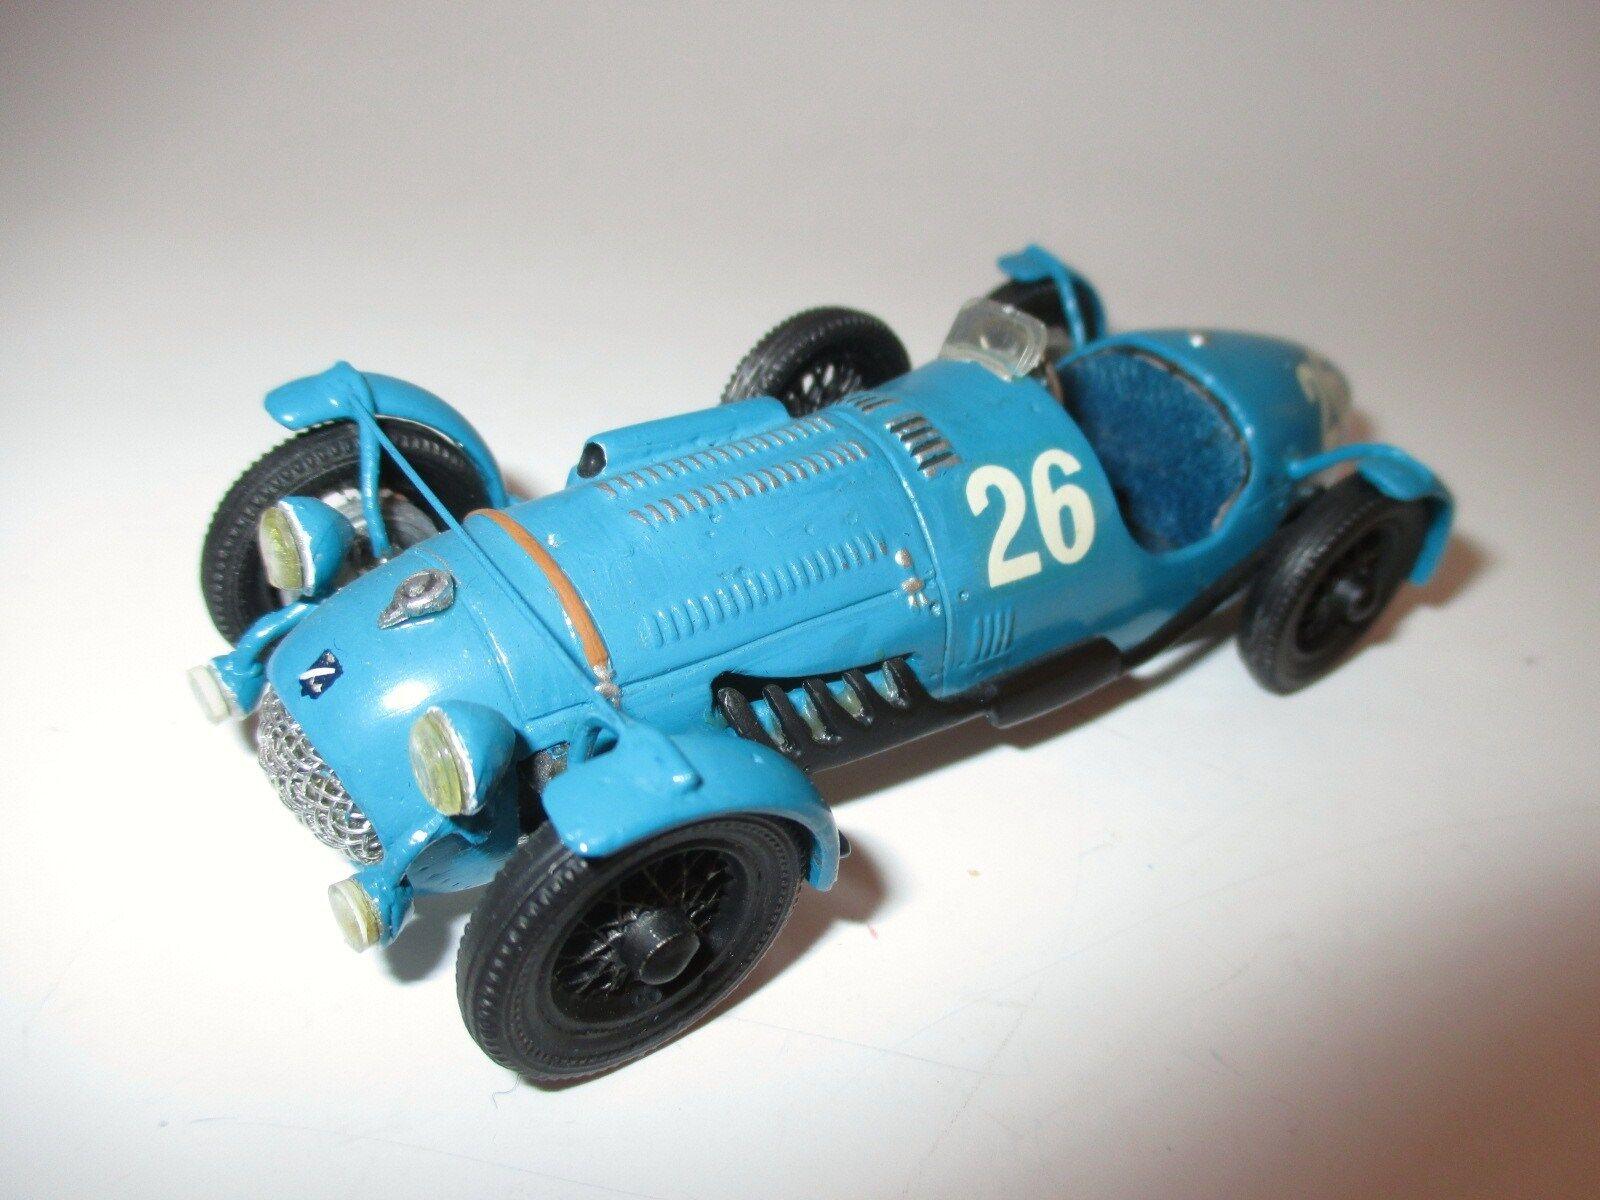 Talbot-Lago T 23 GS  1950  RACING CAR  26, AUTO REPLICAS in 1:43 - interamente a mano